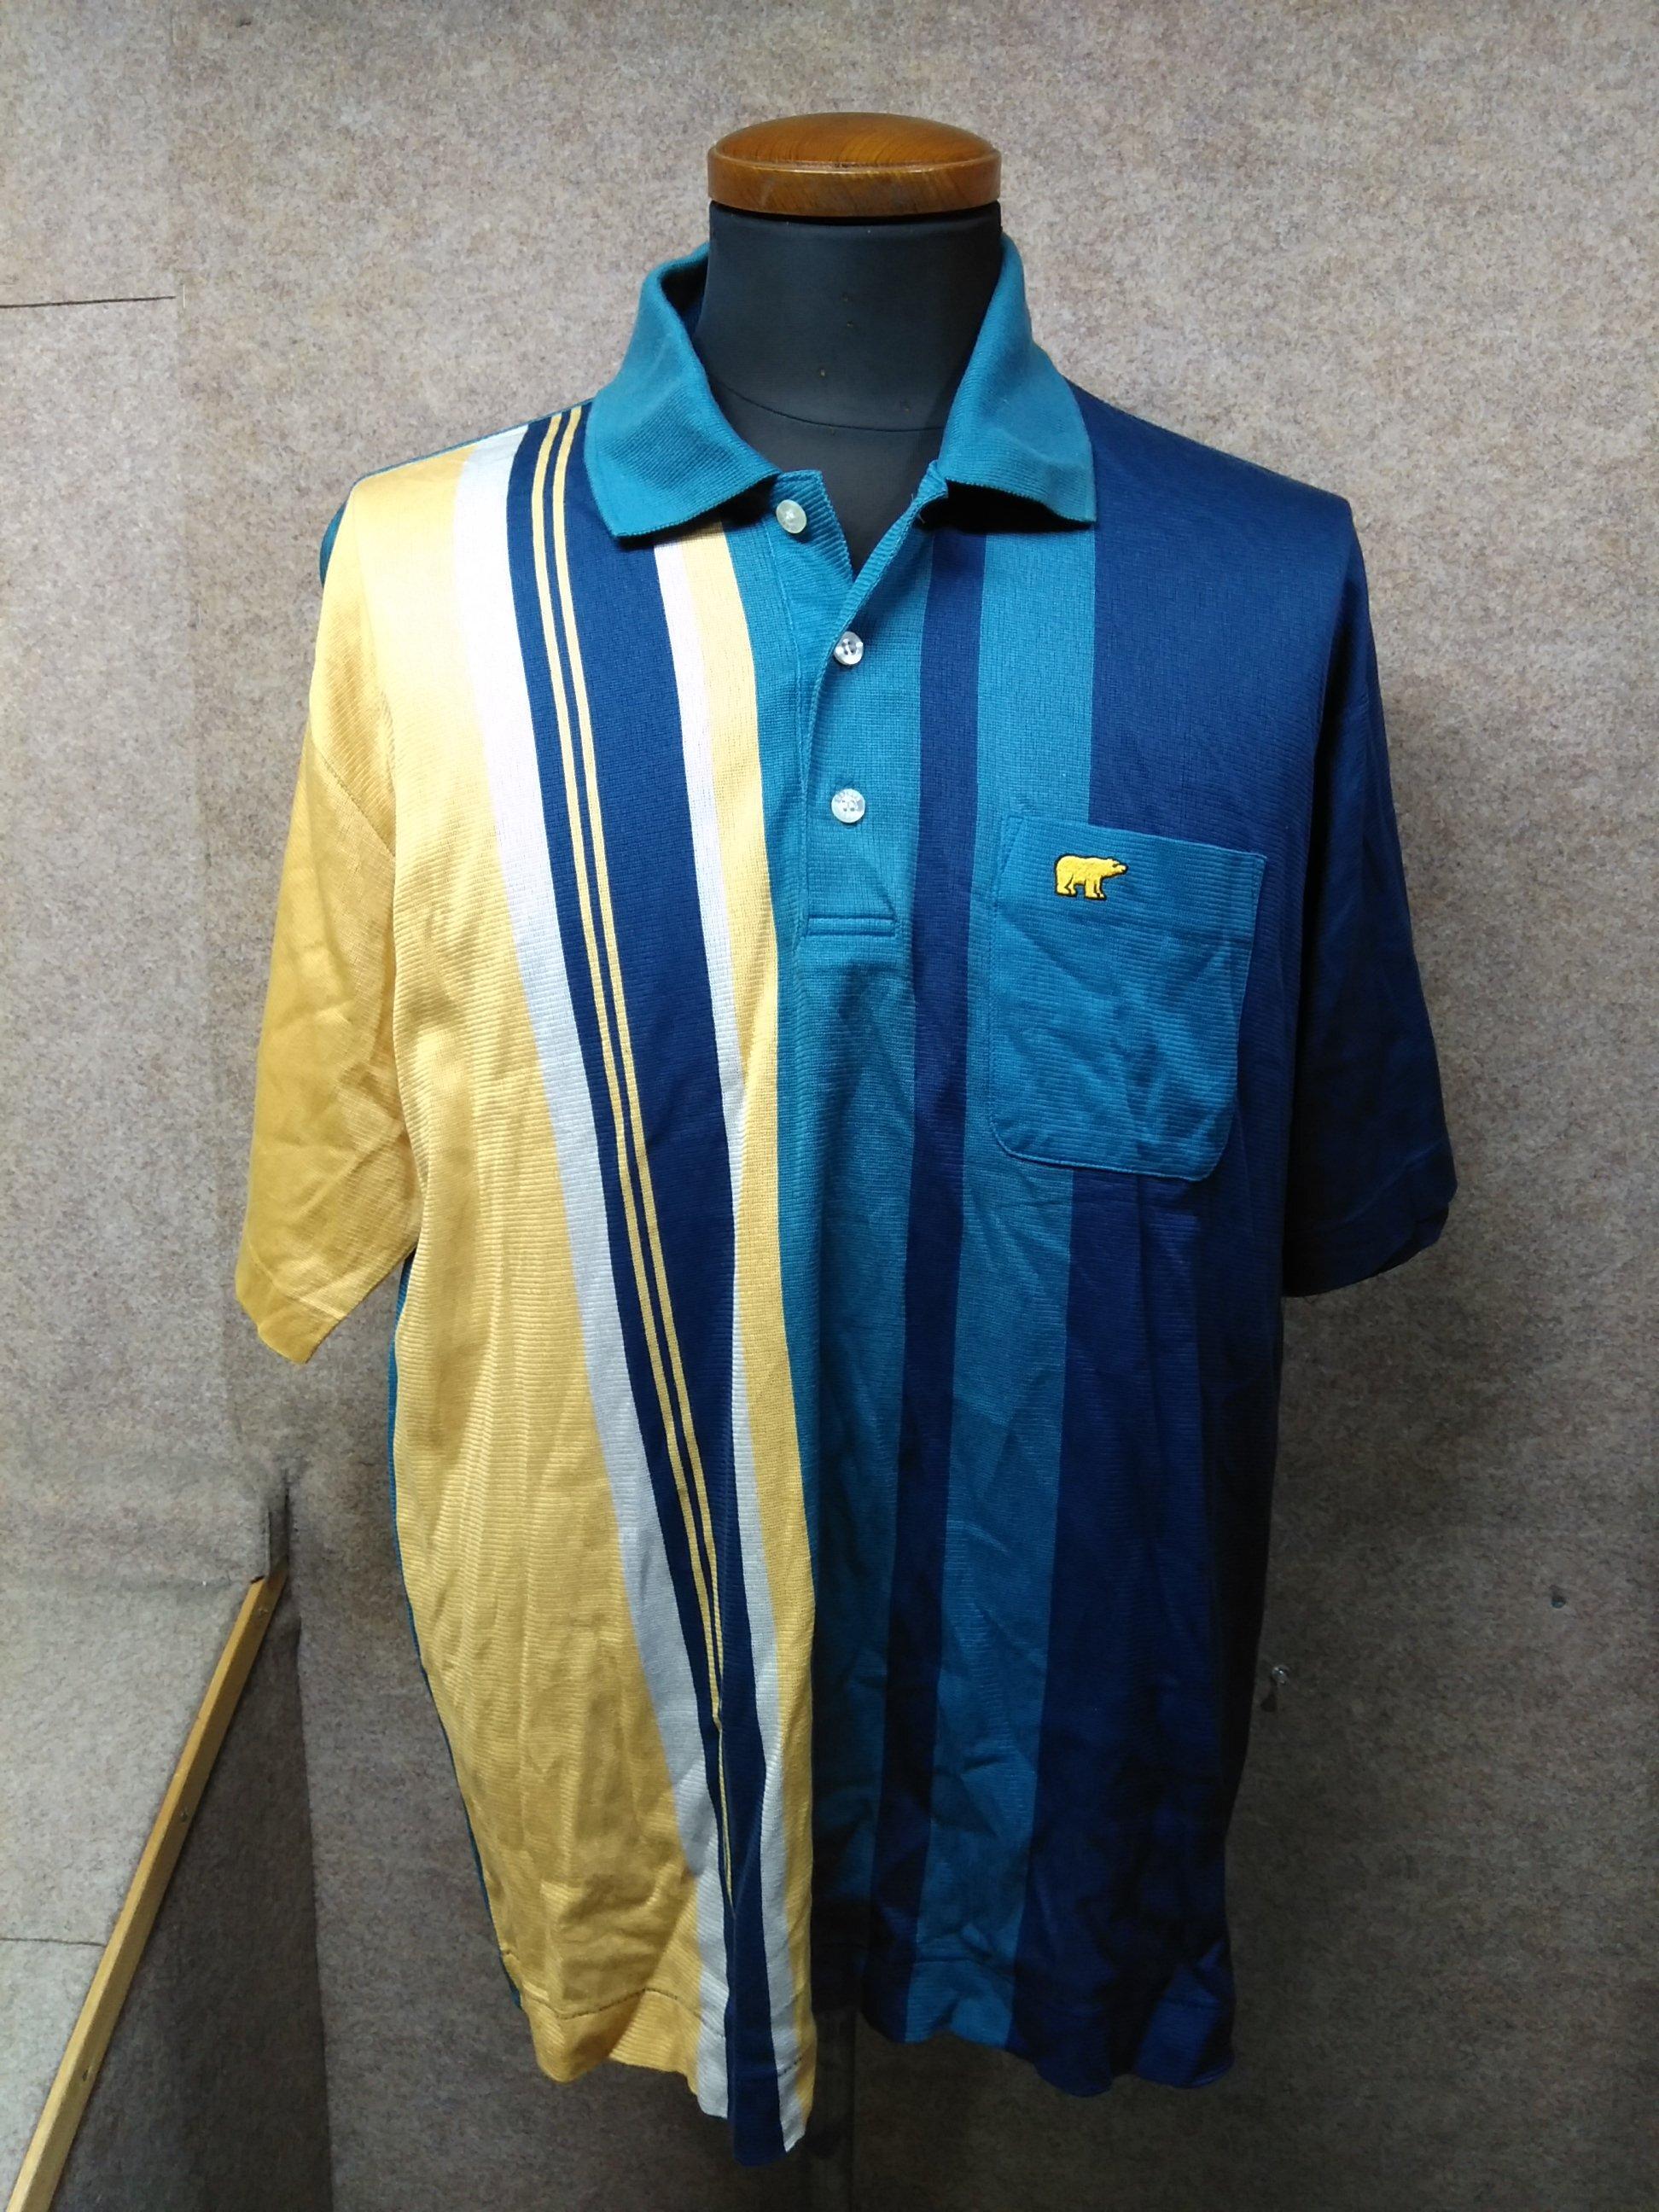 ゴールデンベア メンズ ポロシャツ L ブルー×イエロー系 y1082c